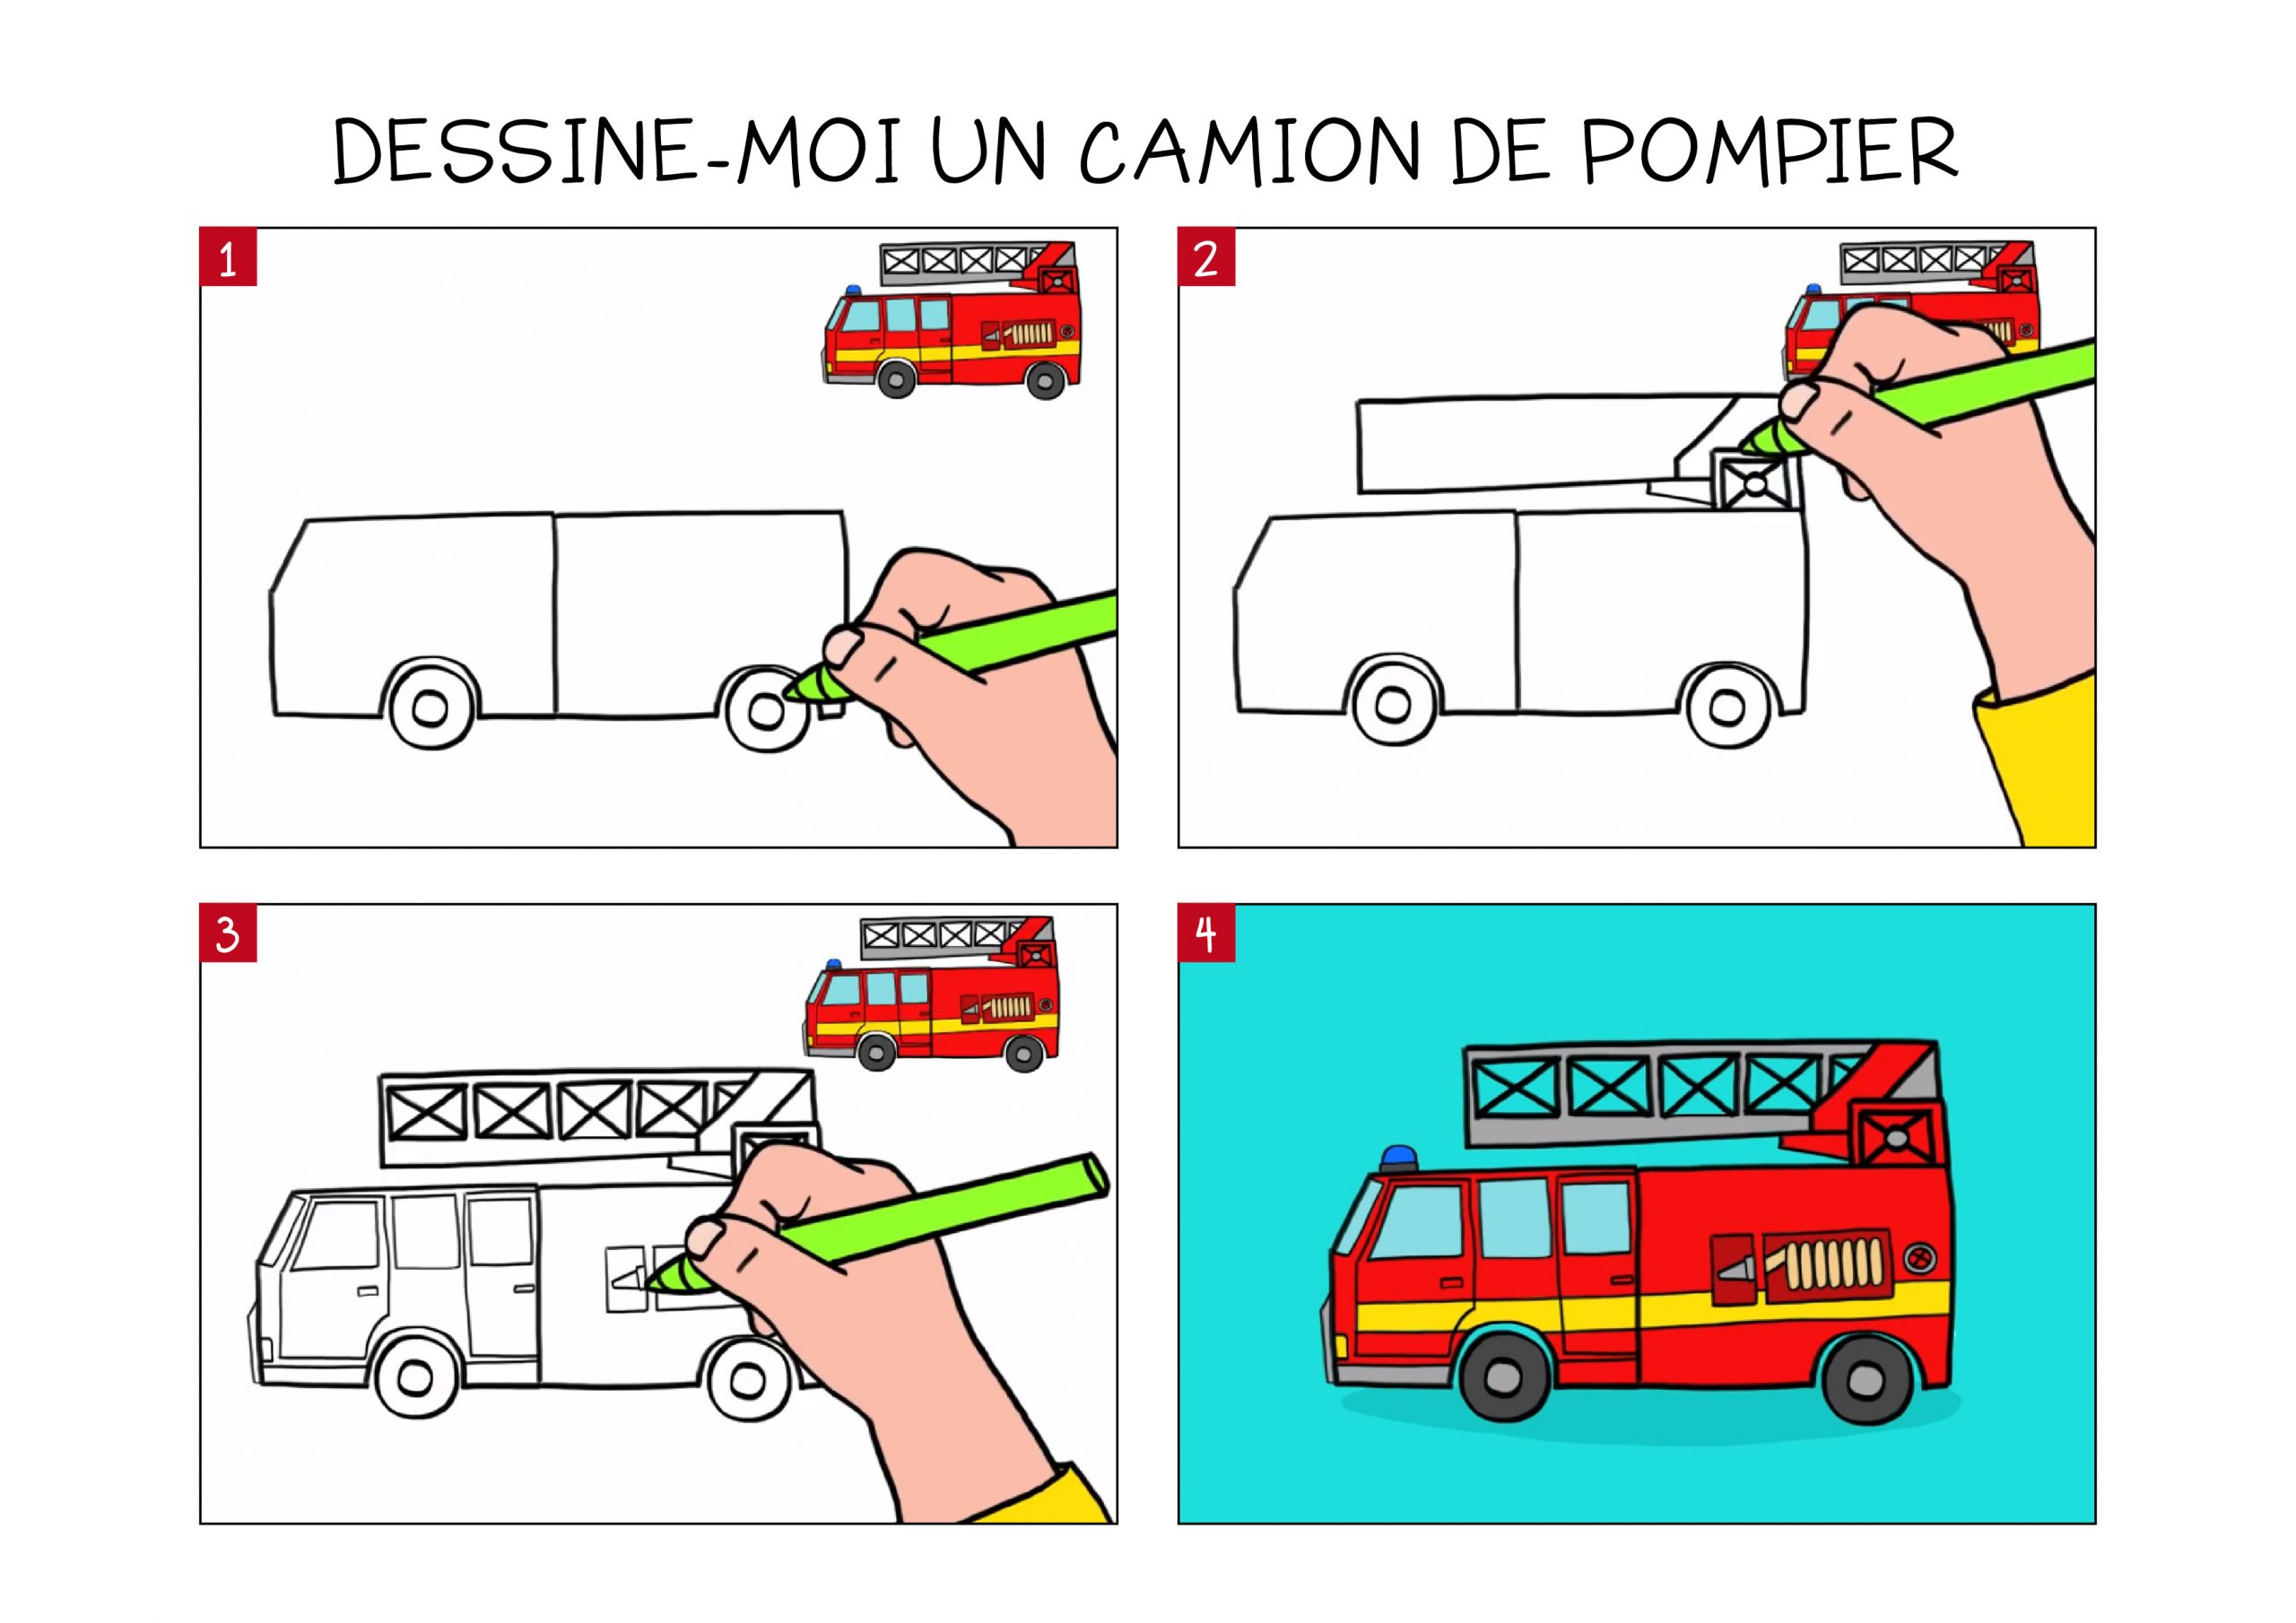 Apprendre À Dessiner Un Camion De Pompier En 3 Étapes avec Dessin D Un Camion